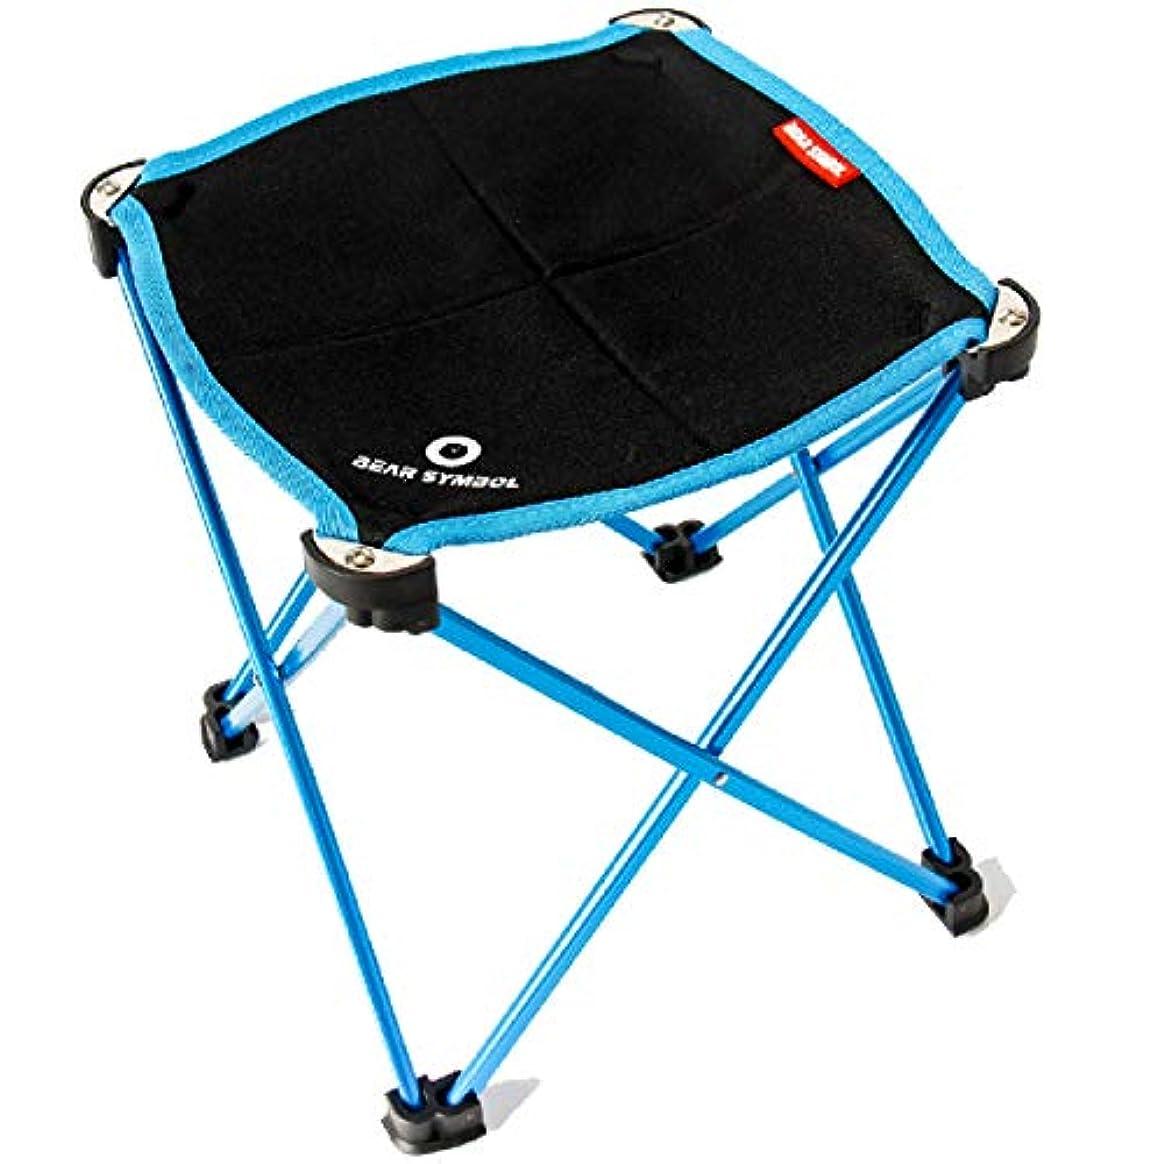 権威マウスピース暴徒TRIWONDER アウトドアチェア 折りたたみ椅子 ウルトラライトチェア コンパクト イス 組み立て椅子 キャンプ用 軽量 キュービックチェア 専用ケース付き